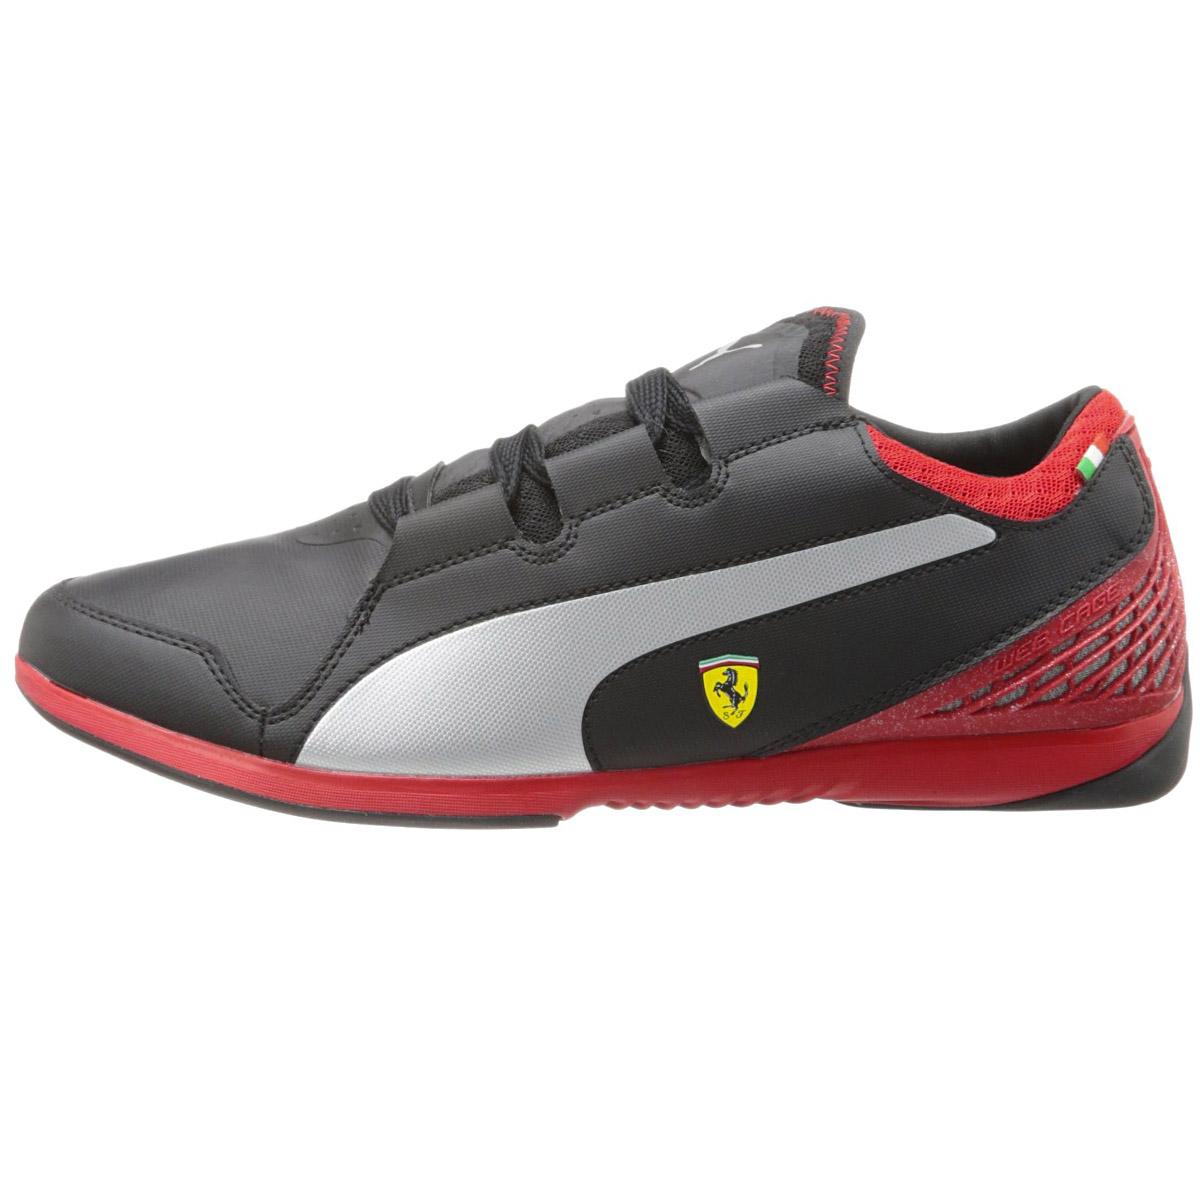 NEU Puma Valorosso Lo SF Schwarz Ferrari WebCage Herren Schuhe Schwarz SF 304945-03 SALE 2bb57b